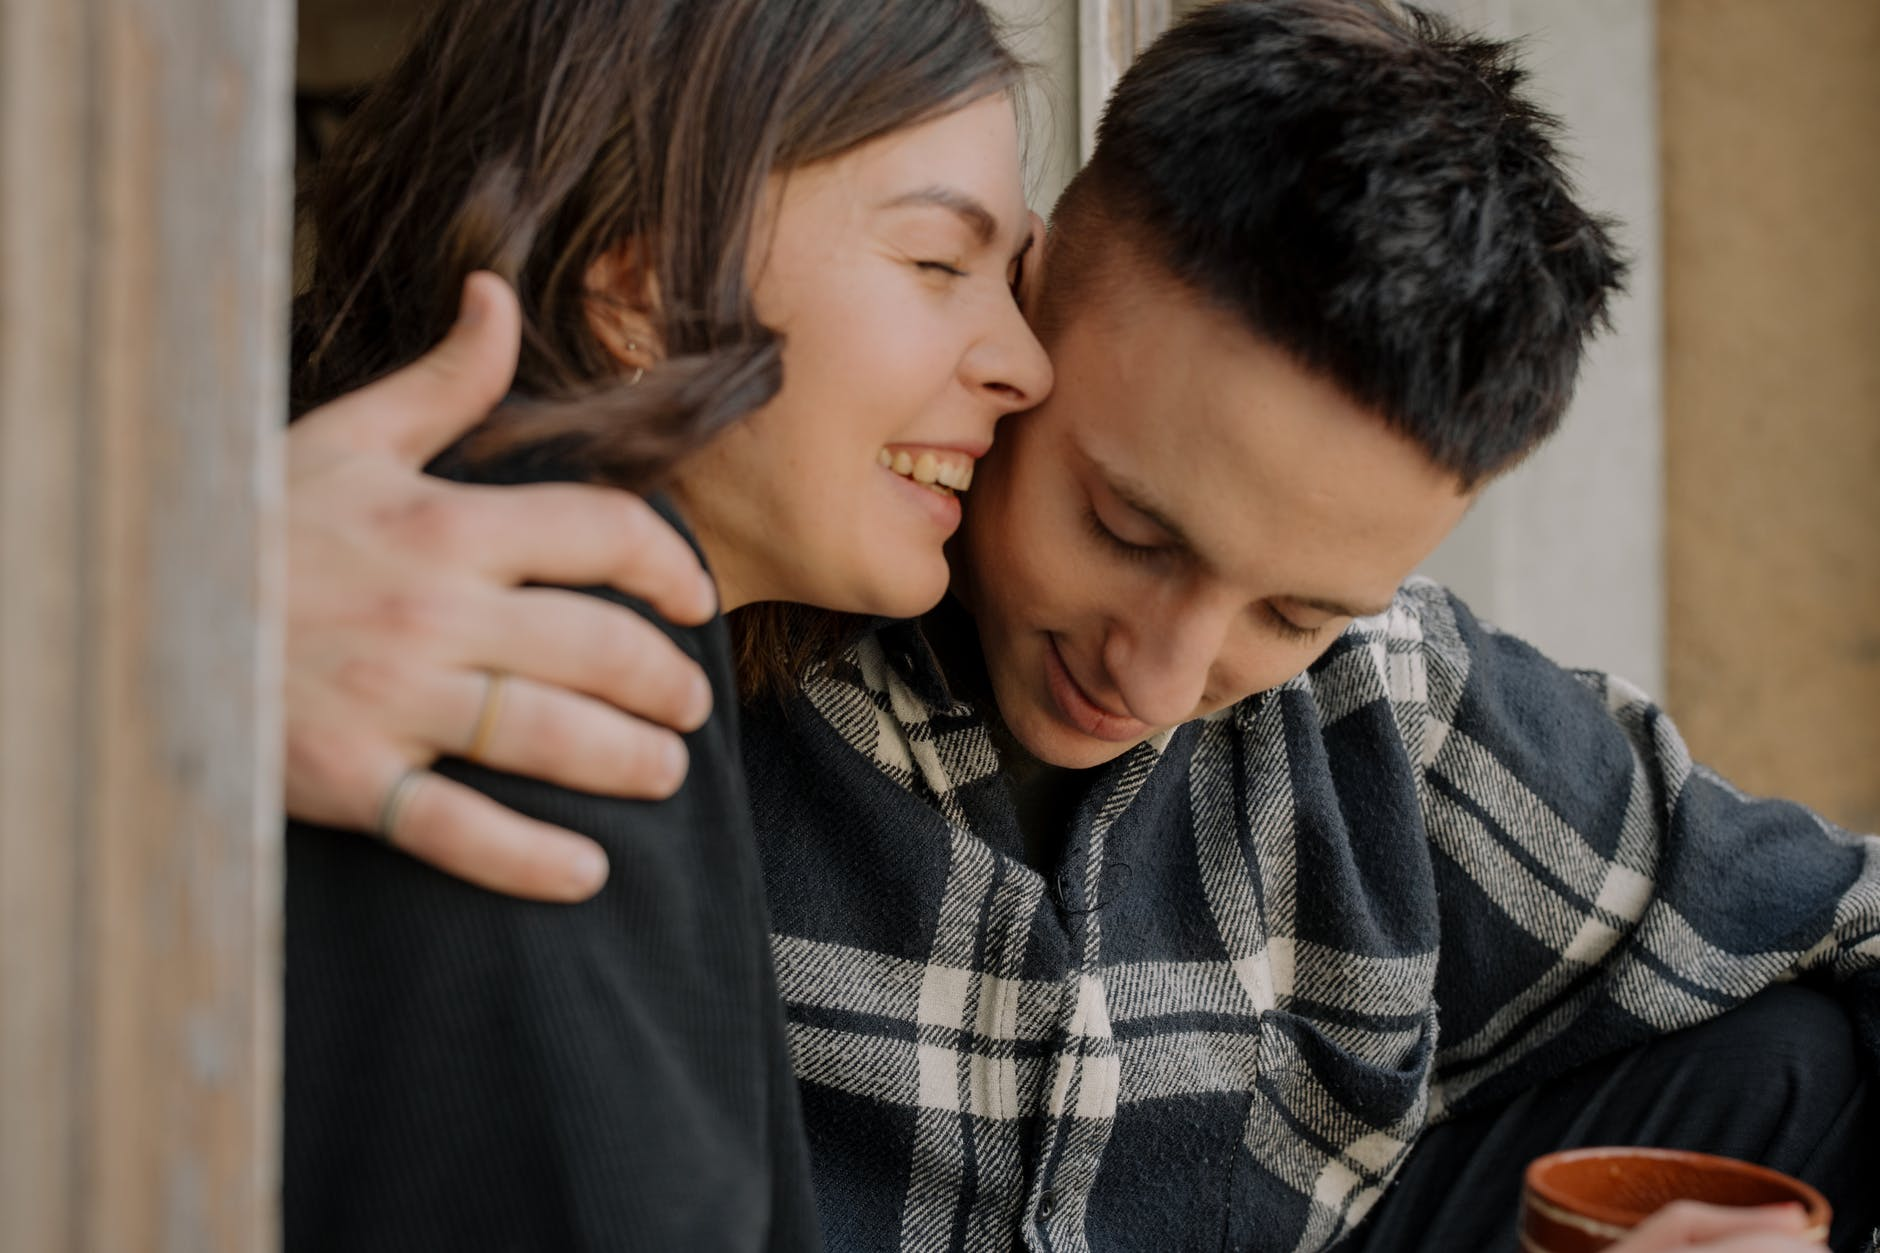 4 Cara Flirting untuk Memikat Laki-laki yang Kamu Suka